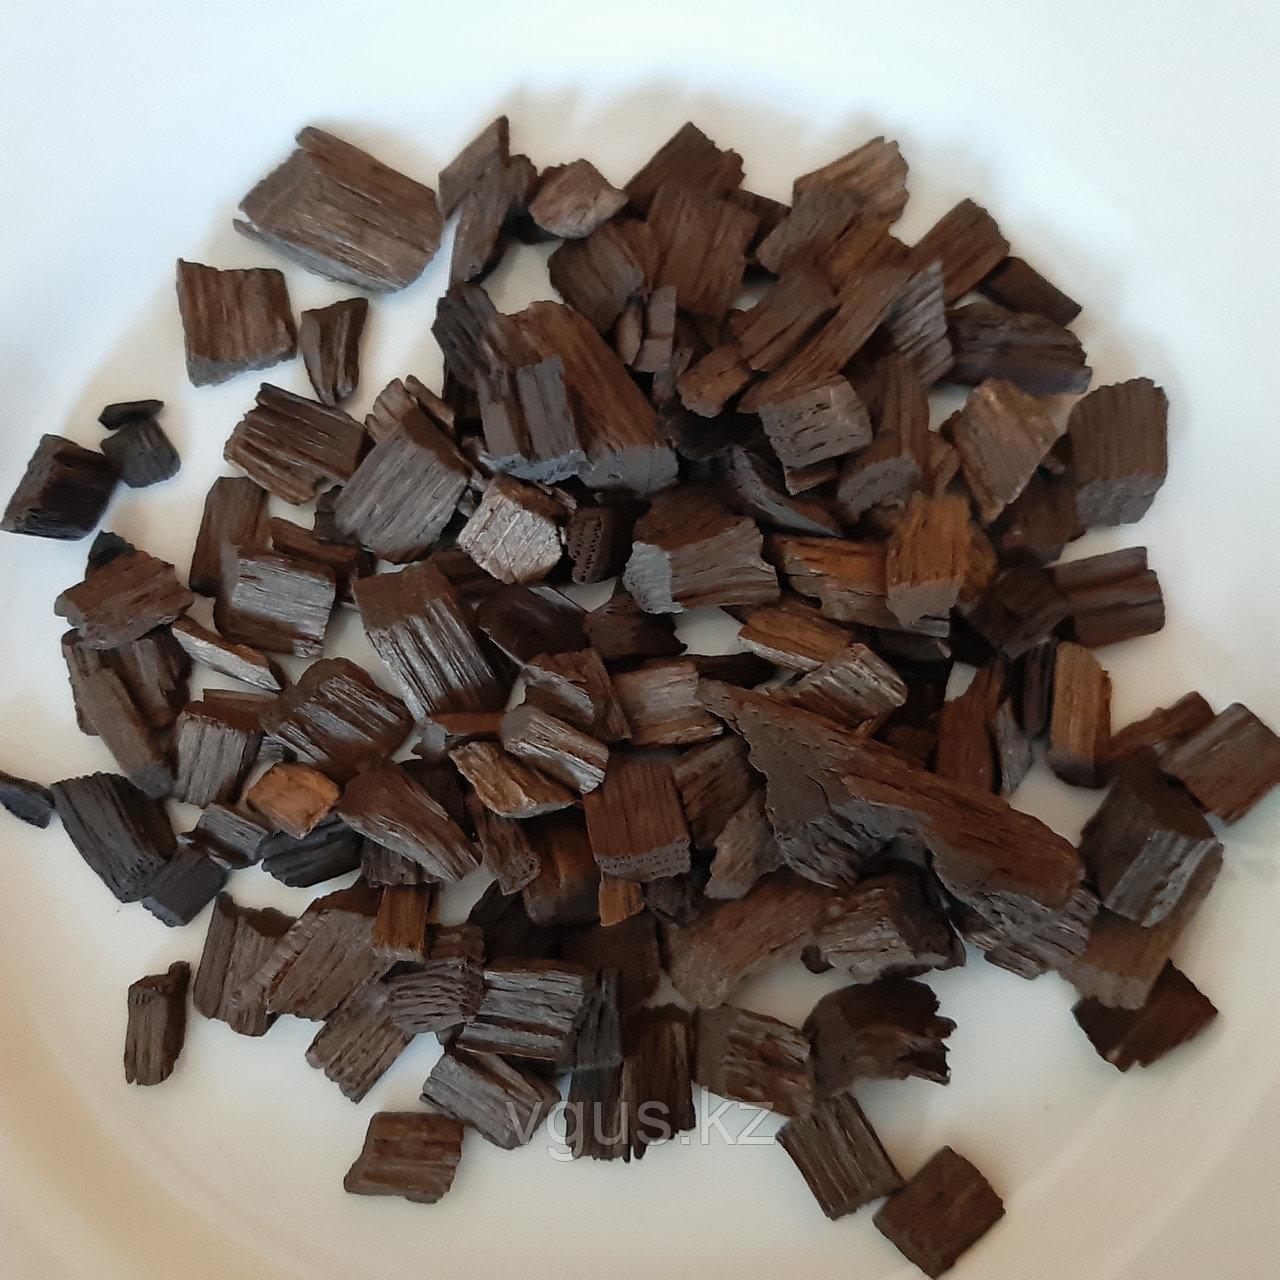 Дубовая щепа кавказкого дуба средний обжиг 500гр.